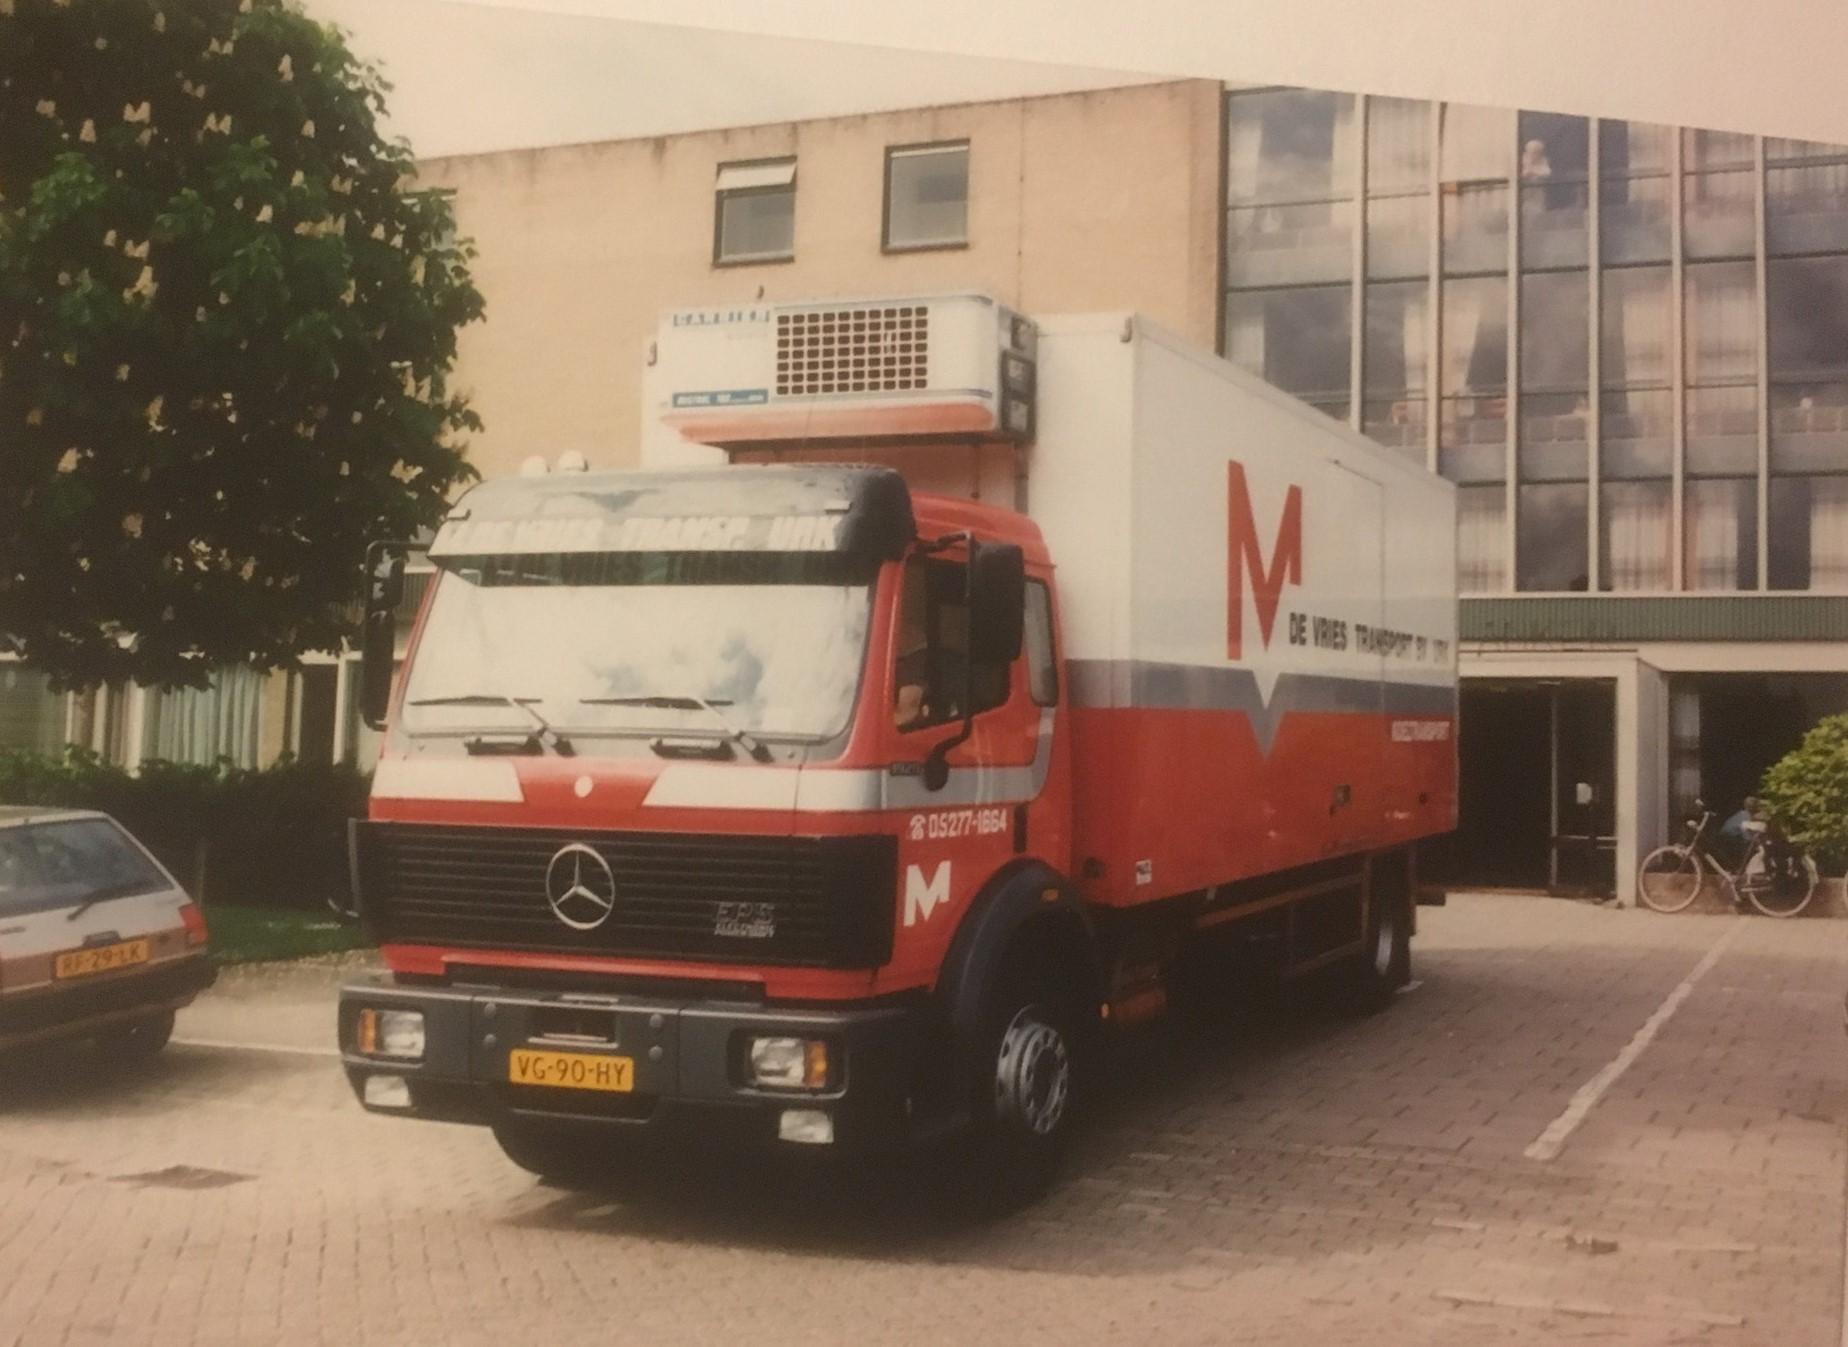 Mercedes---Verhuizing-van-de-oude-naar-nieuwe-Talma-op-Urk